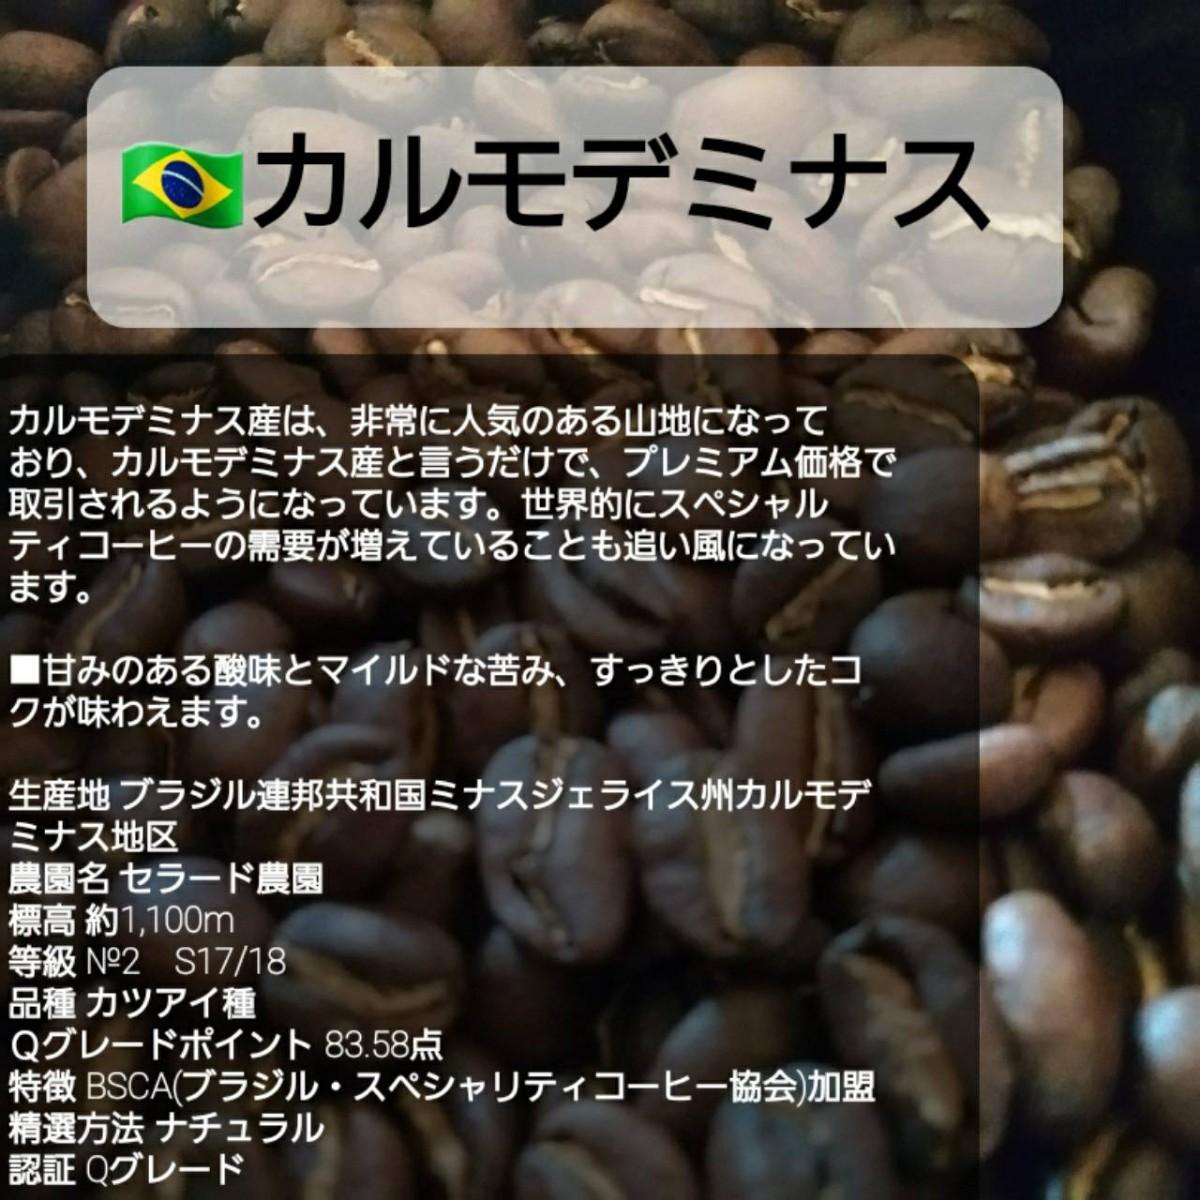 ②自家焙煎屋 珈琲豆 Qグレードコーヒー4種類セット